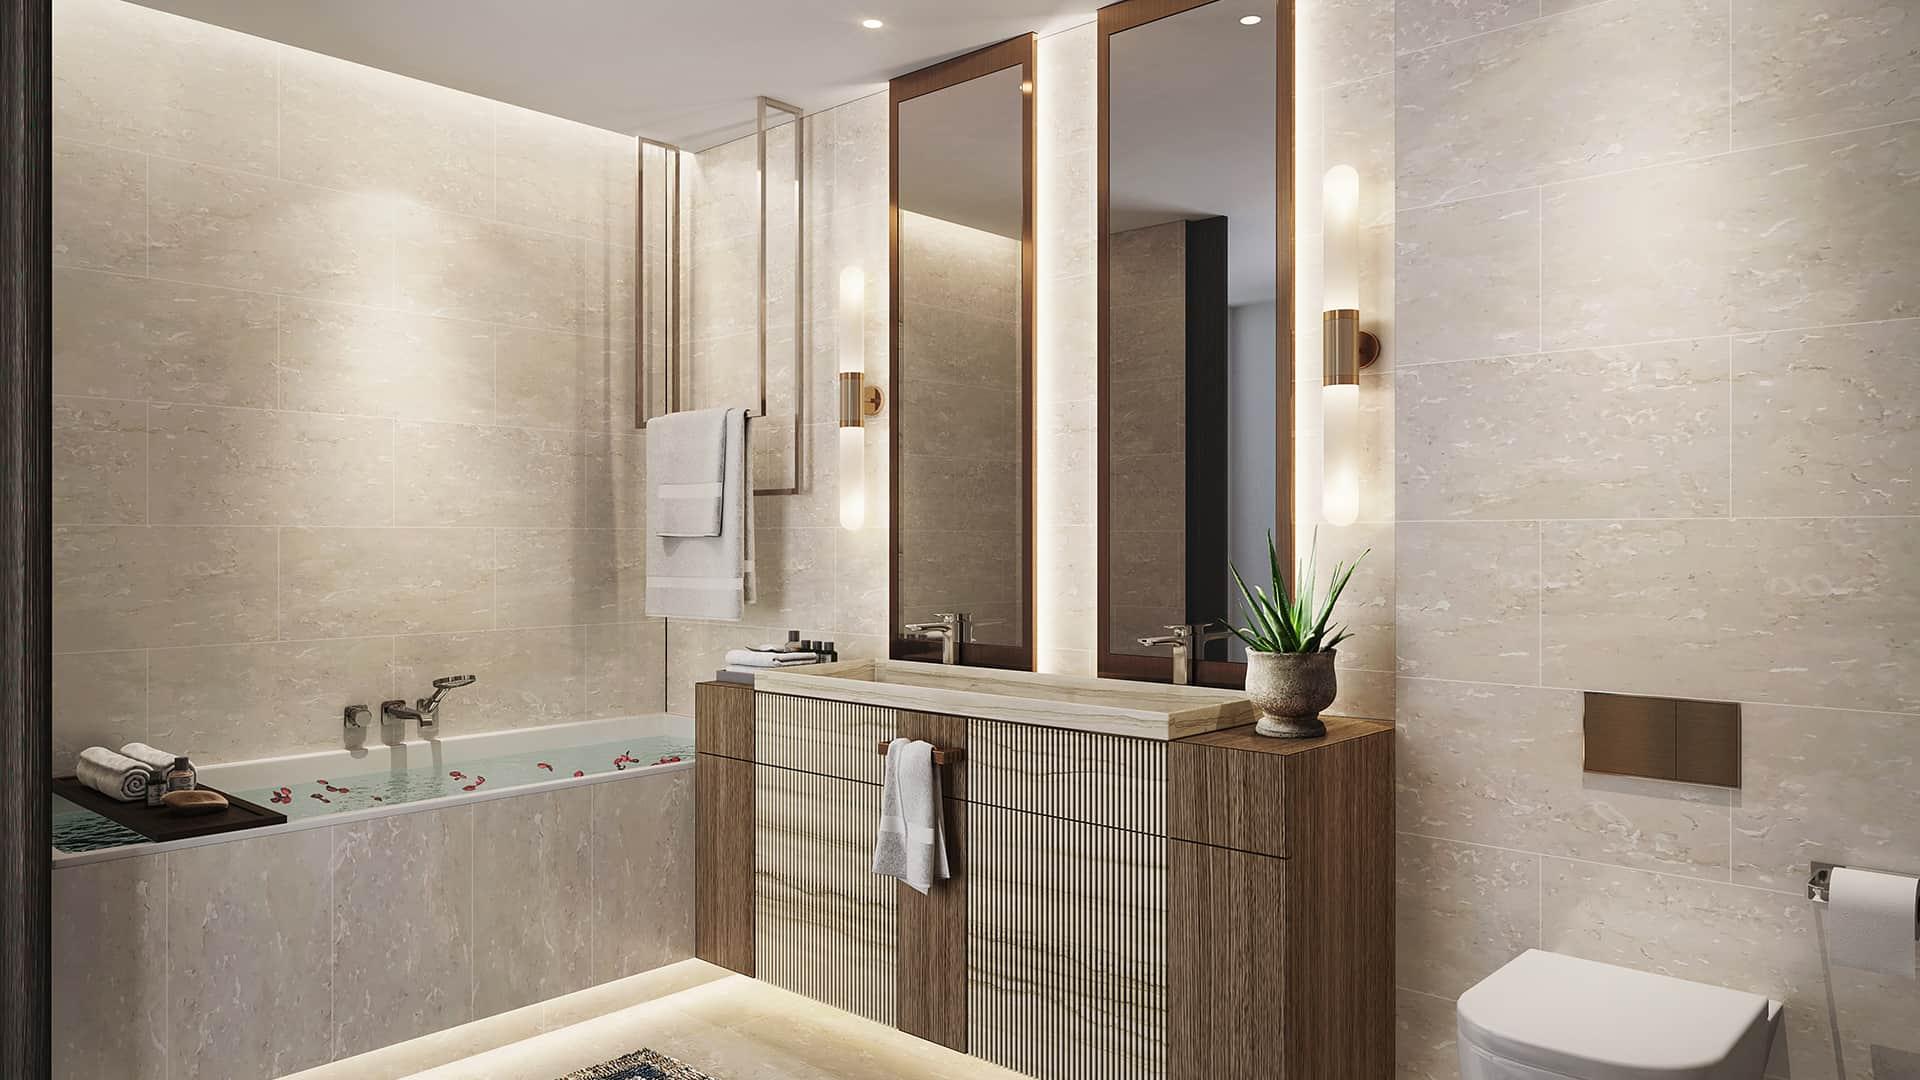 3 Bedroom Residence Shower